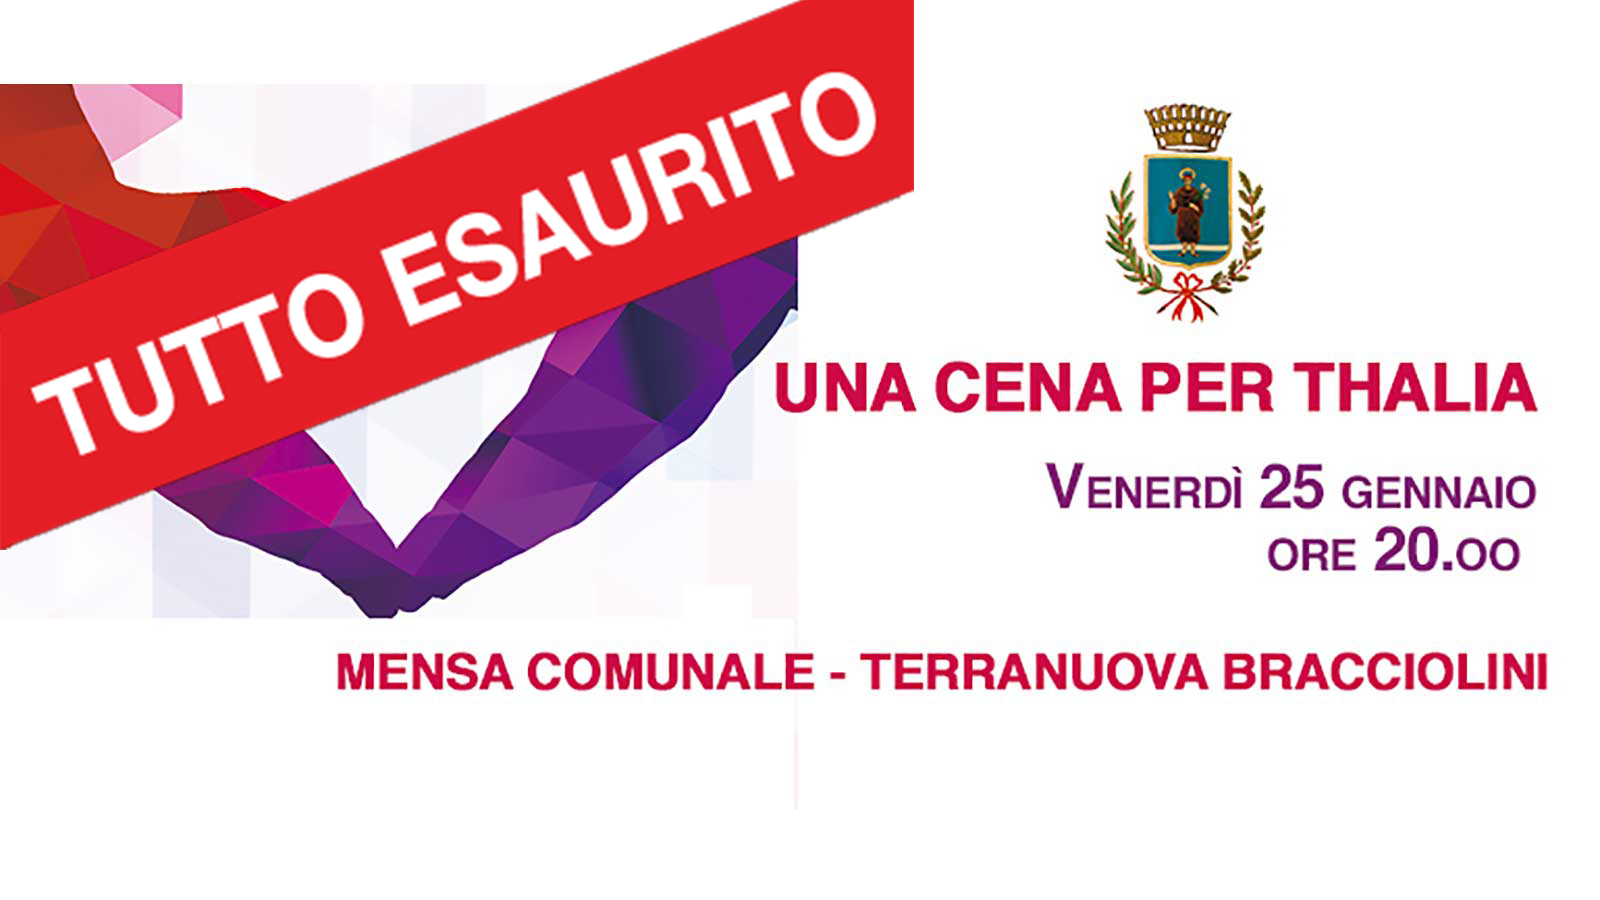 cena_per_thalia_tutto_esaurito